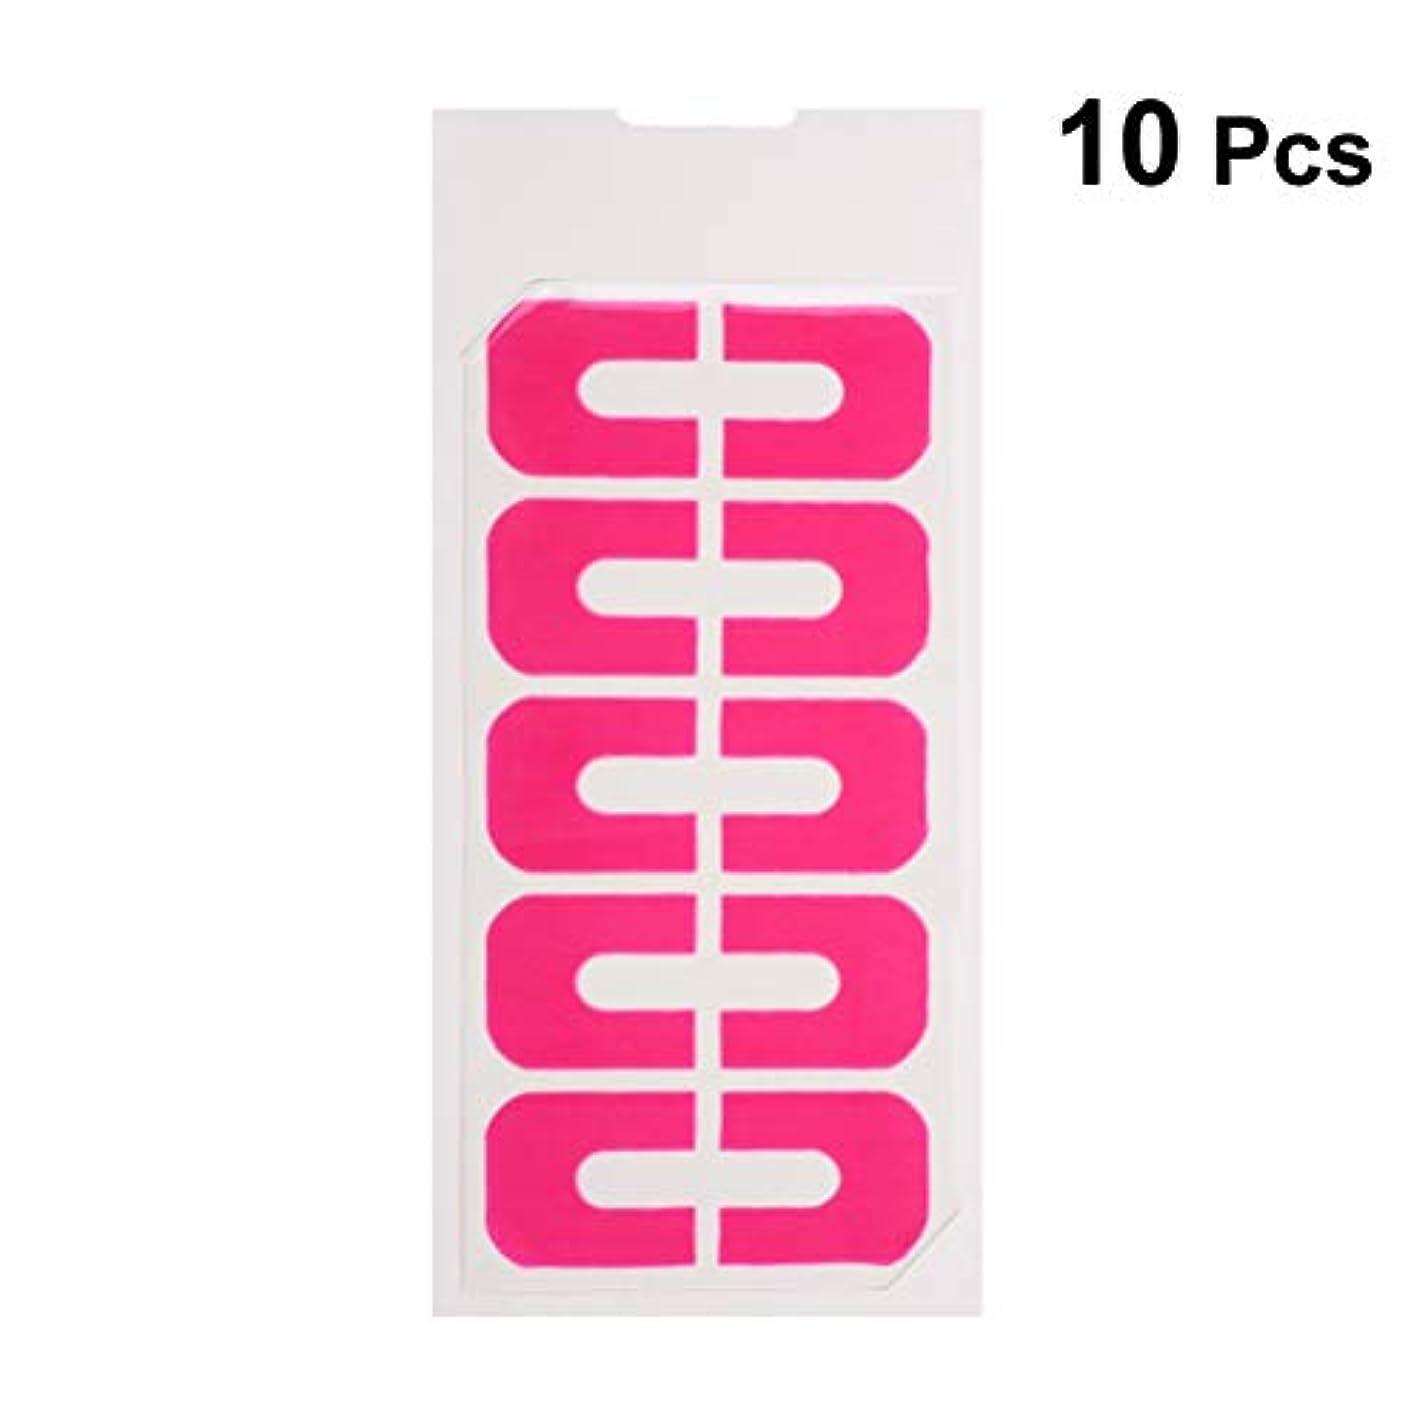 電気技師適度な再生的Lurrose ネイルポリッシュプロテクターステッカーネイルアートキューティクルガードスキンバリアプロテクタージェルネイルチップ10枚